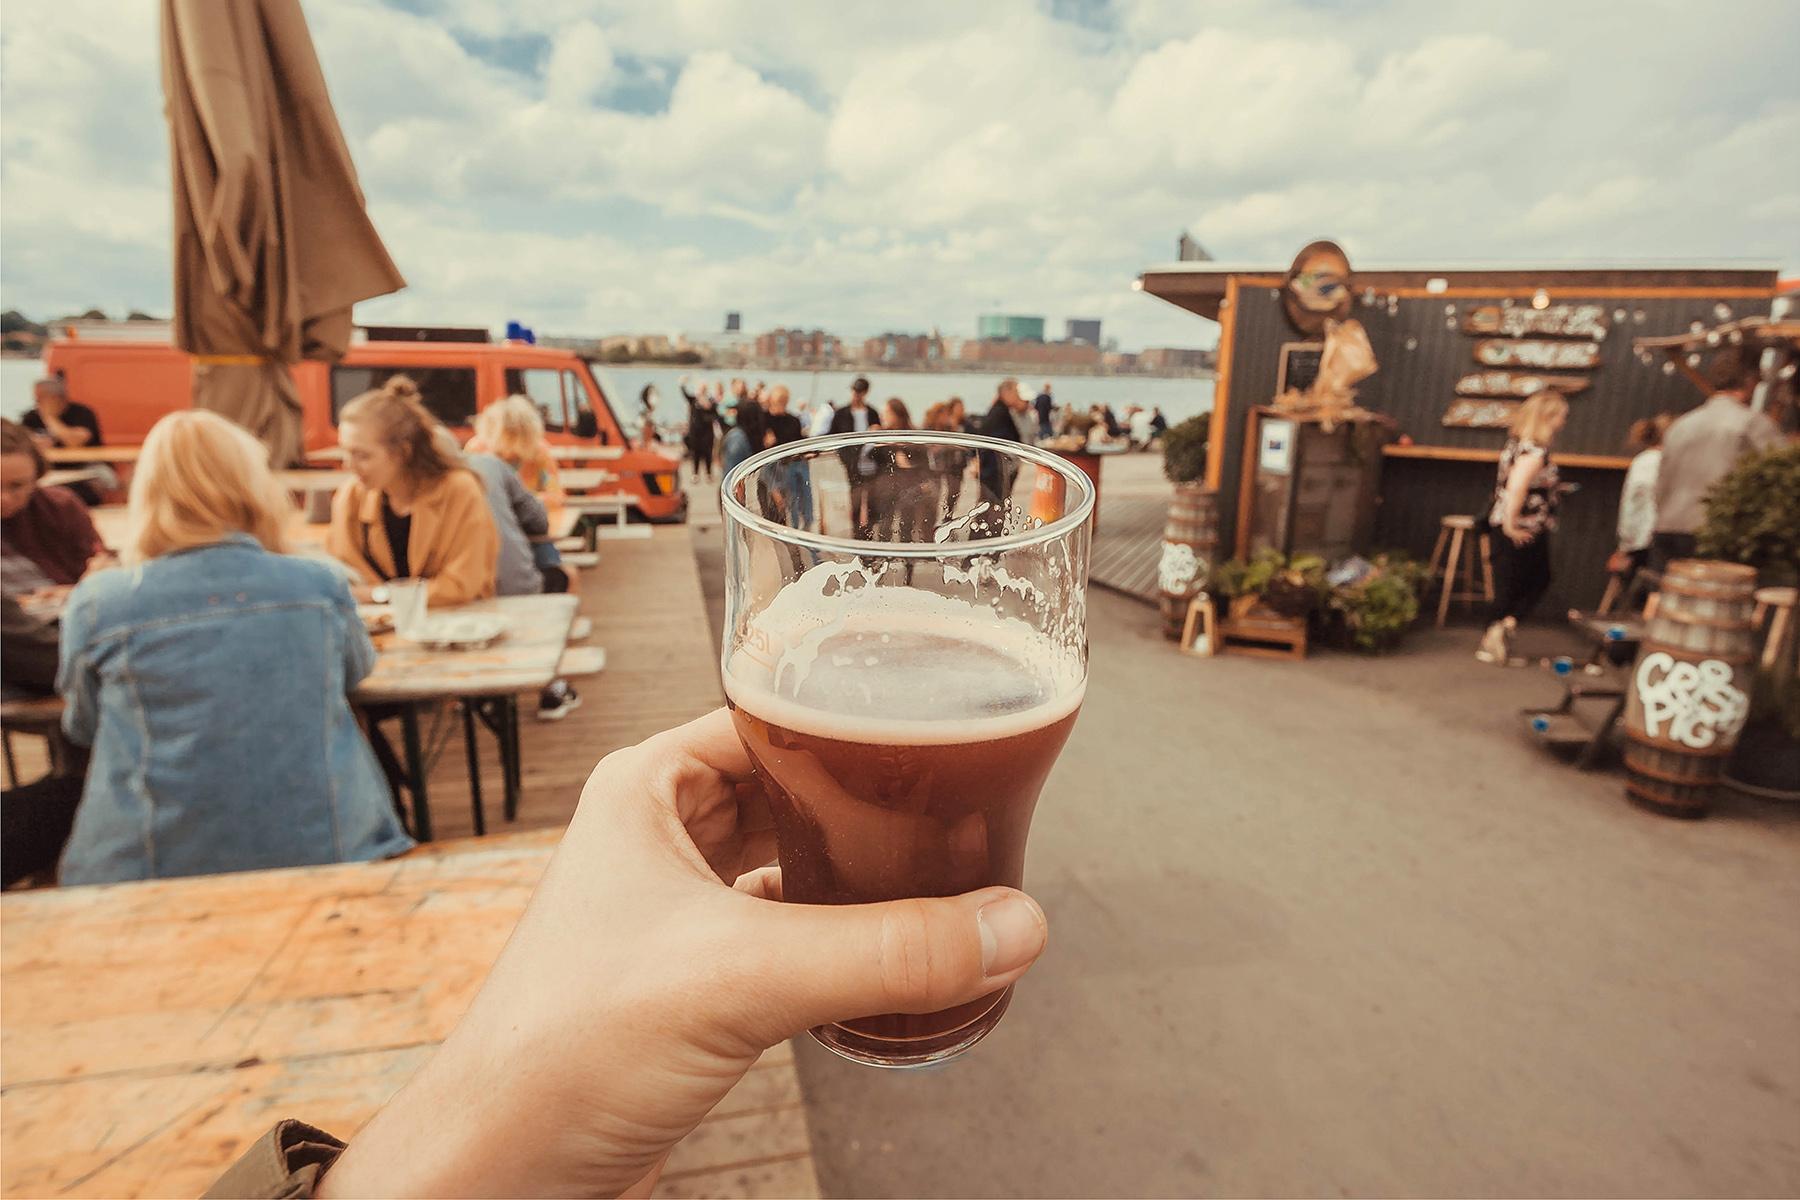 Raising a craft beer glass in Copenhagen